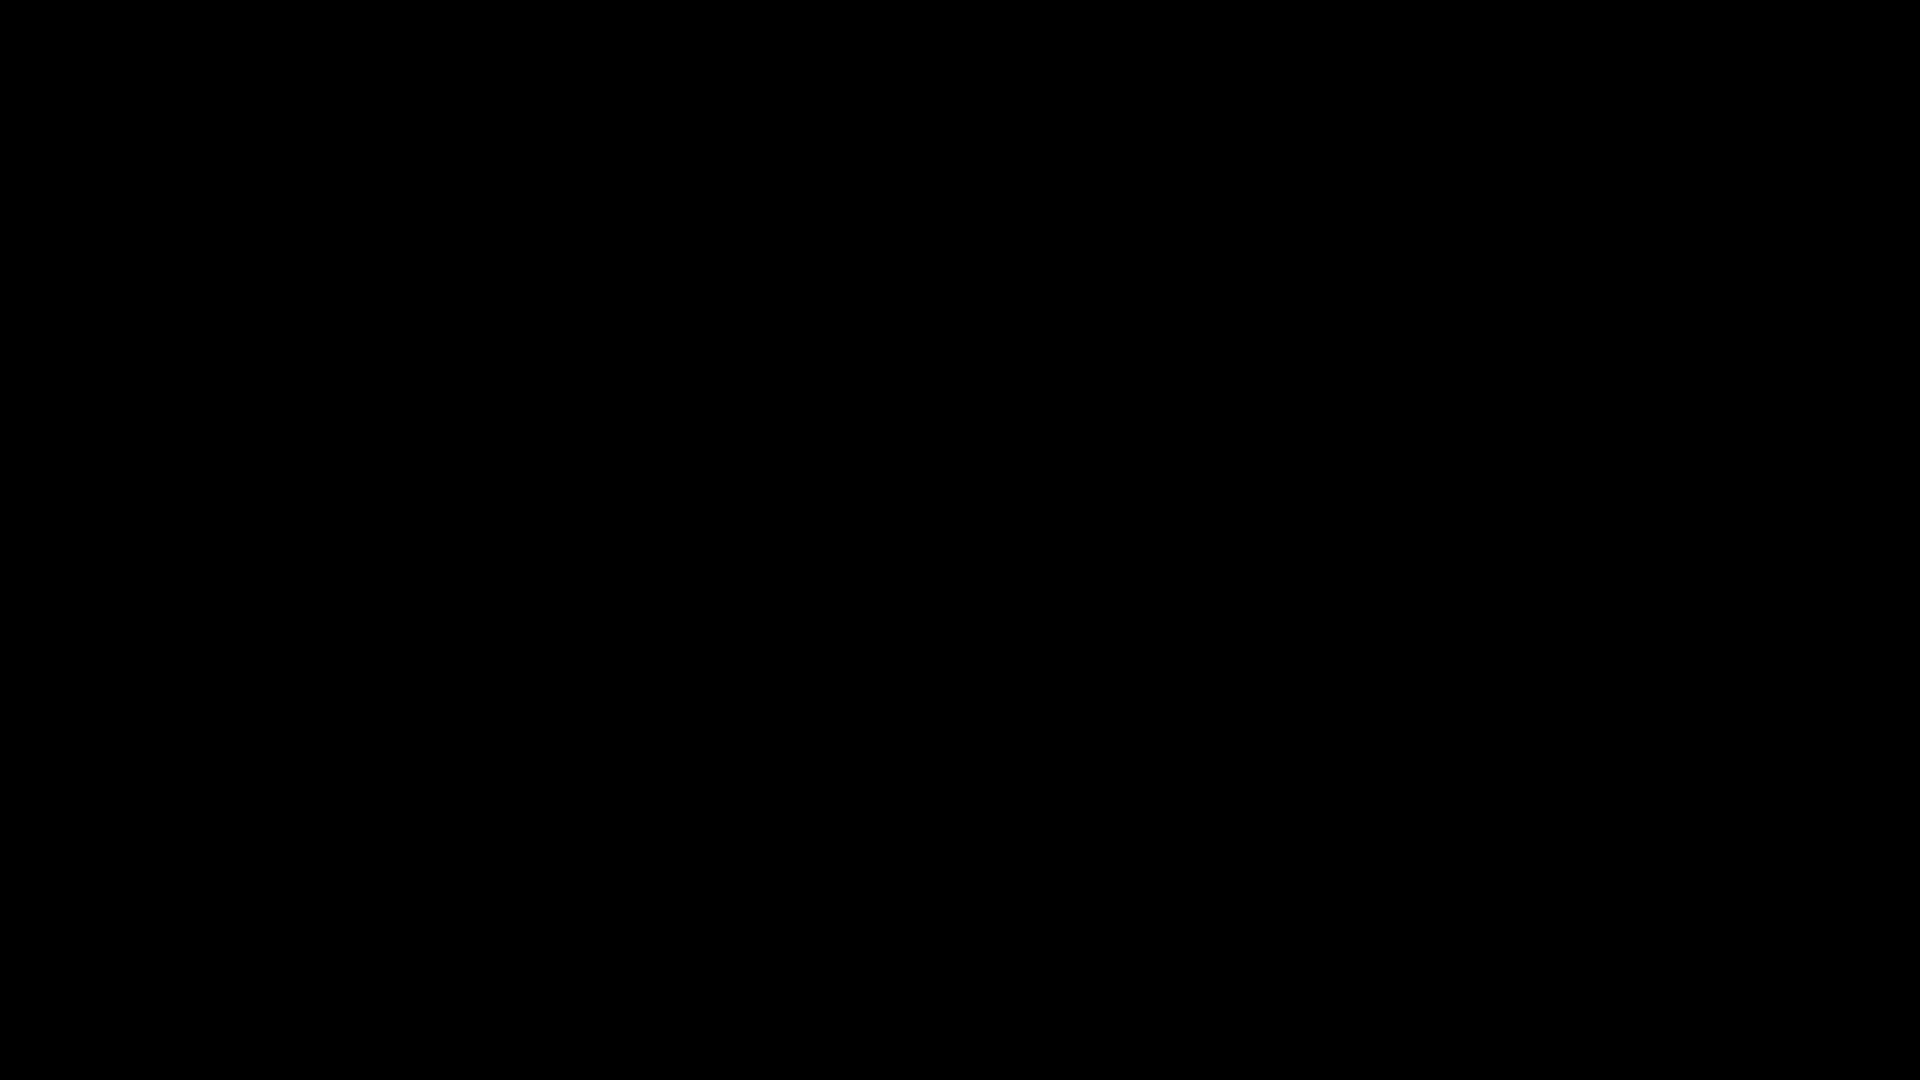 高画質露天女風呂観察 vol.032 ギャル入浴 SEX無修正画像 101連発 12